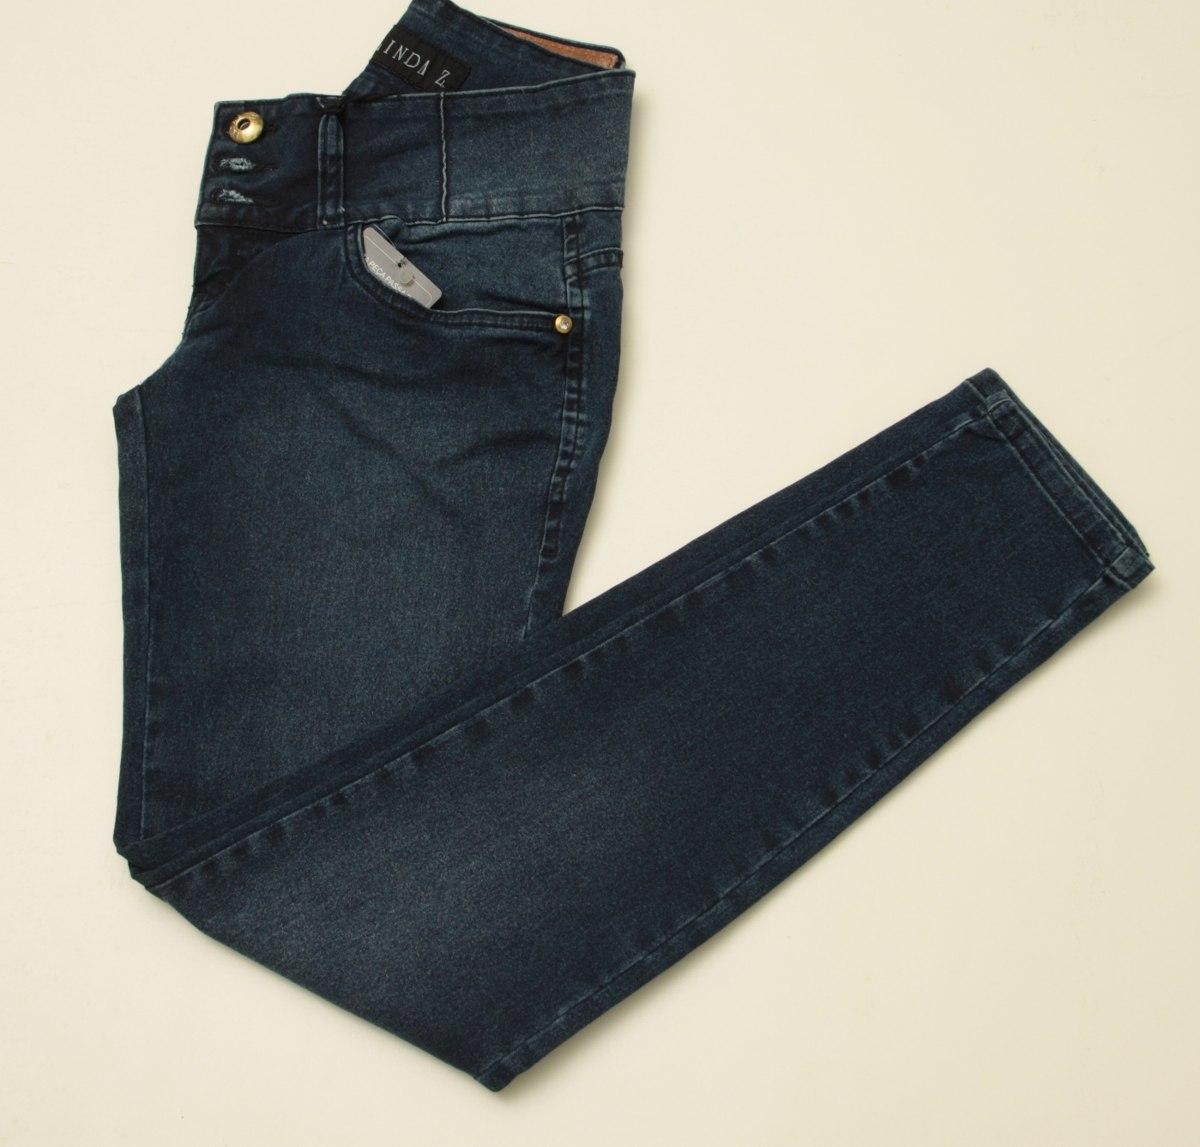 e244a7ab6 Calça Jeans Linda Z Cós Largo 3 Botoes 1 De Strass Strech - R$ 108 ...